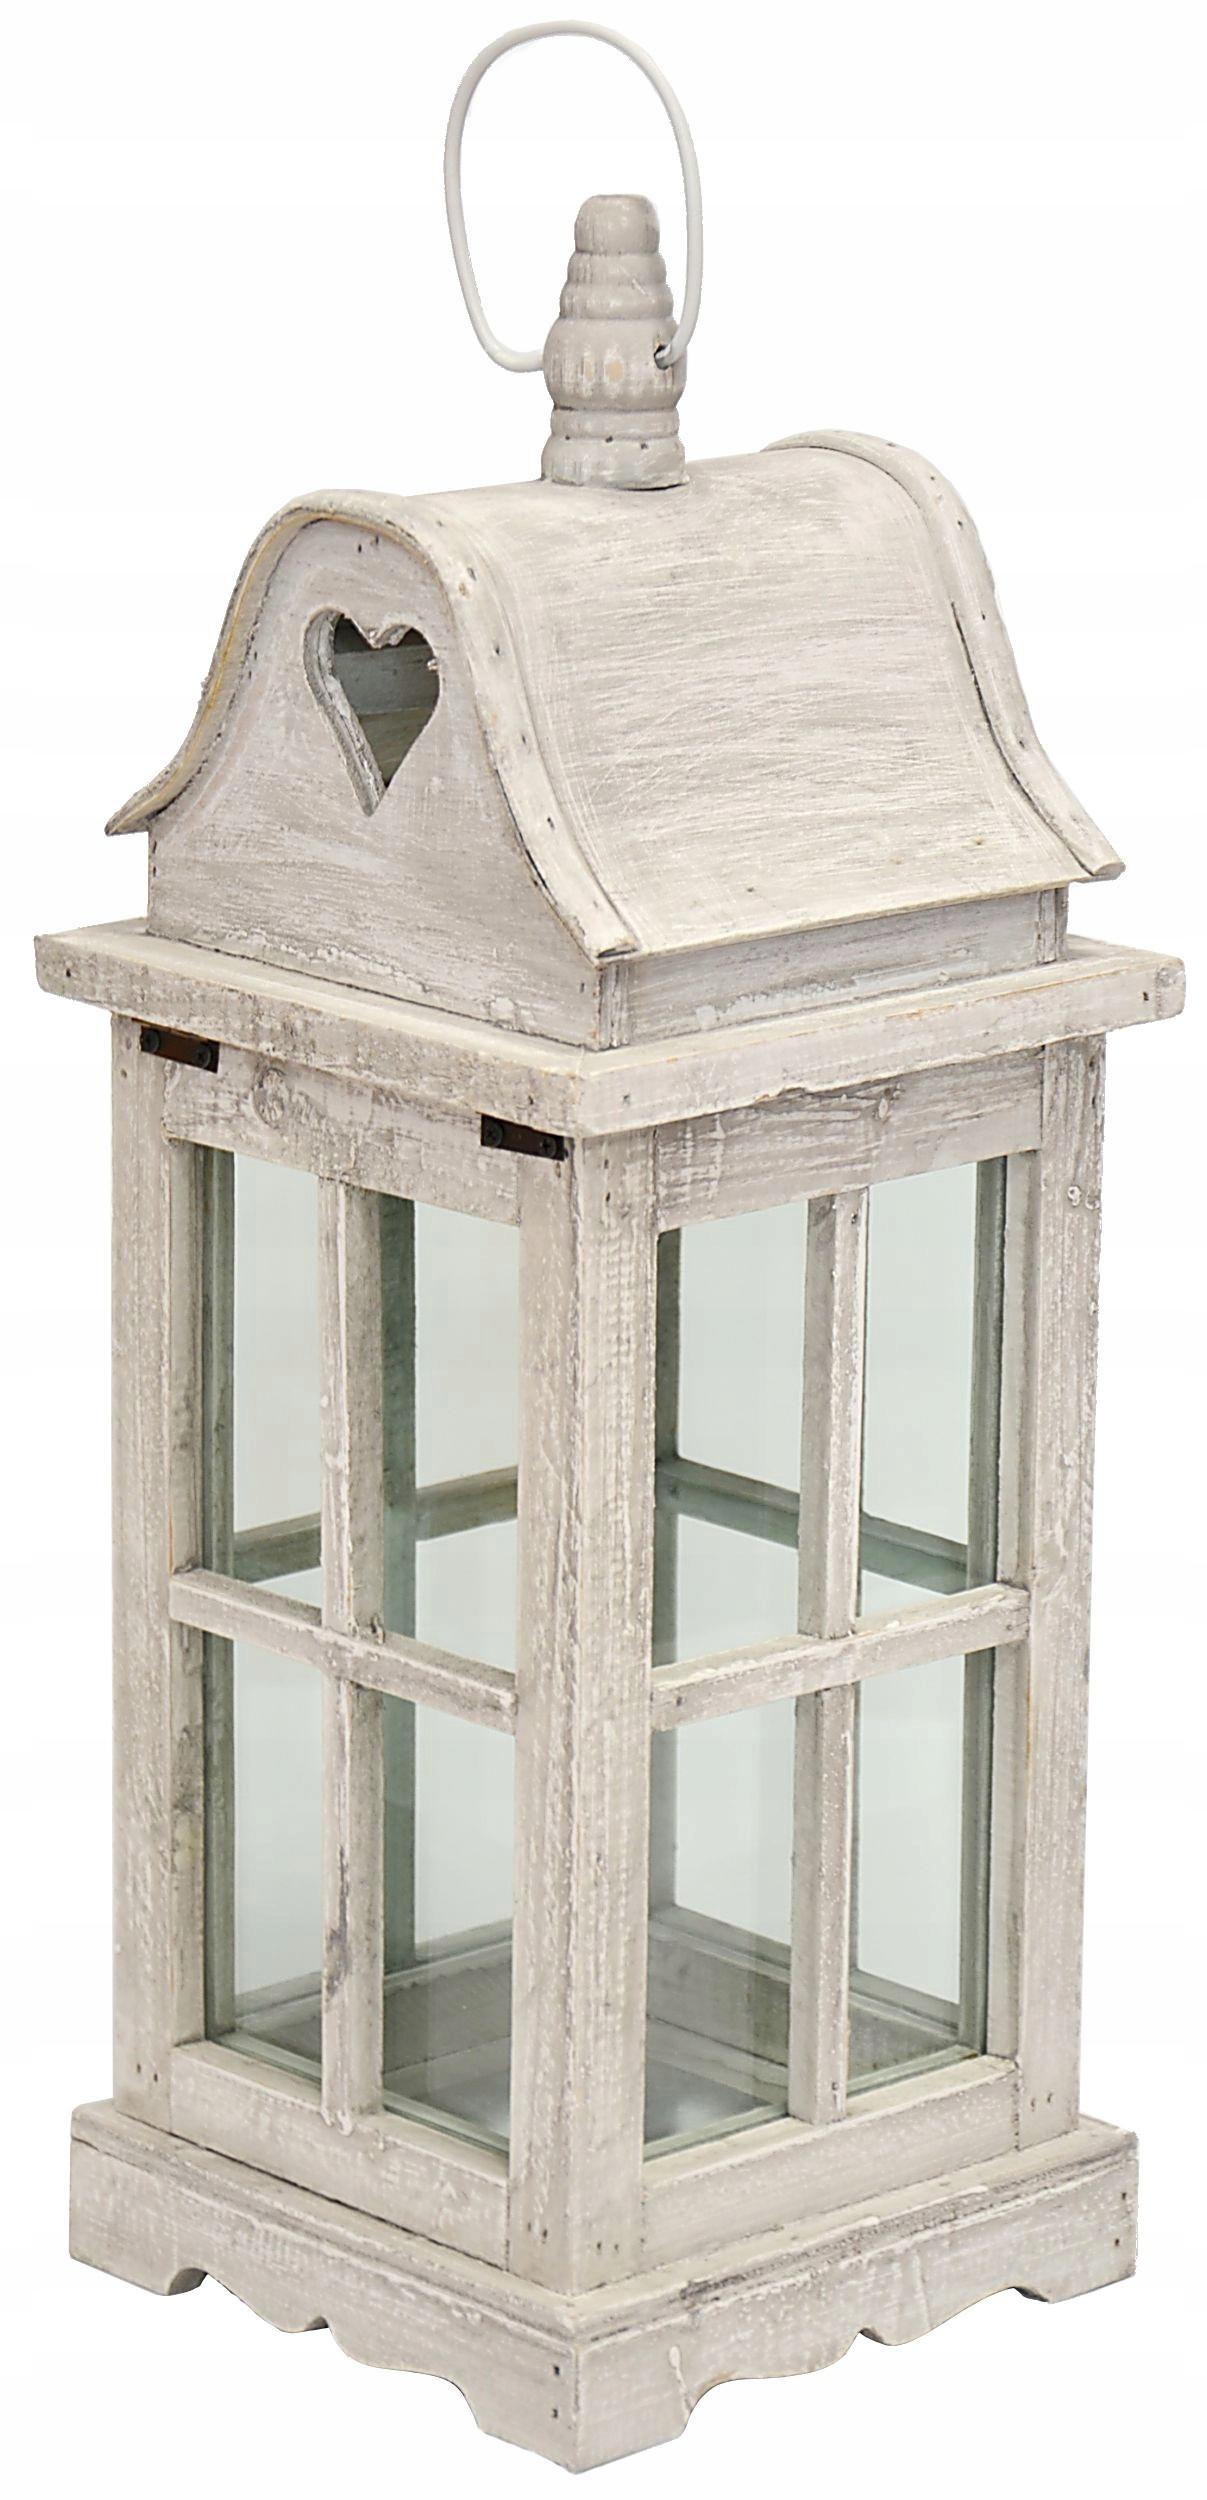 Latarnie Piękne Lampiony Drewniane Dekoracyjne 7186771890